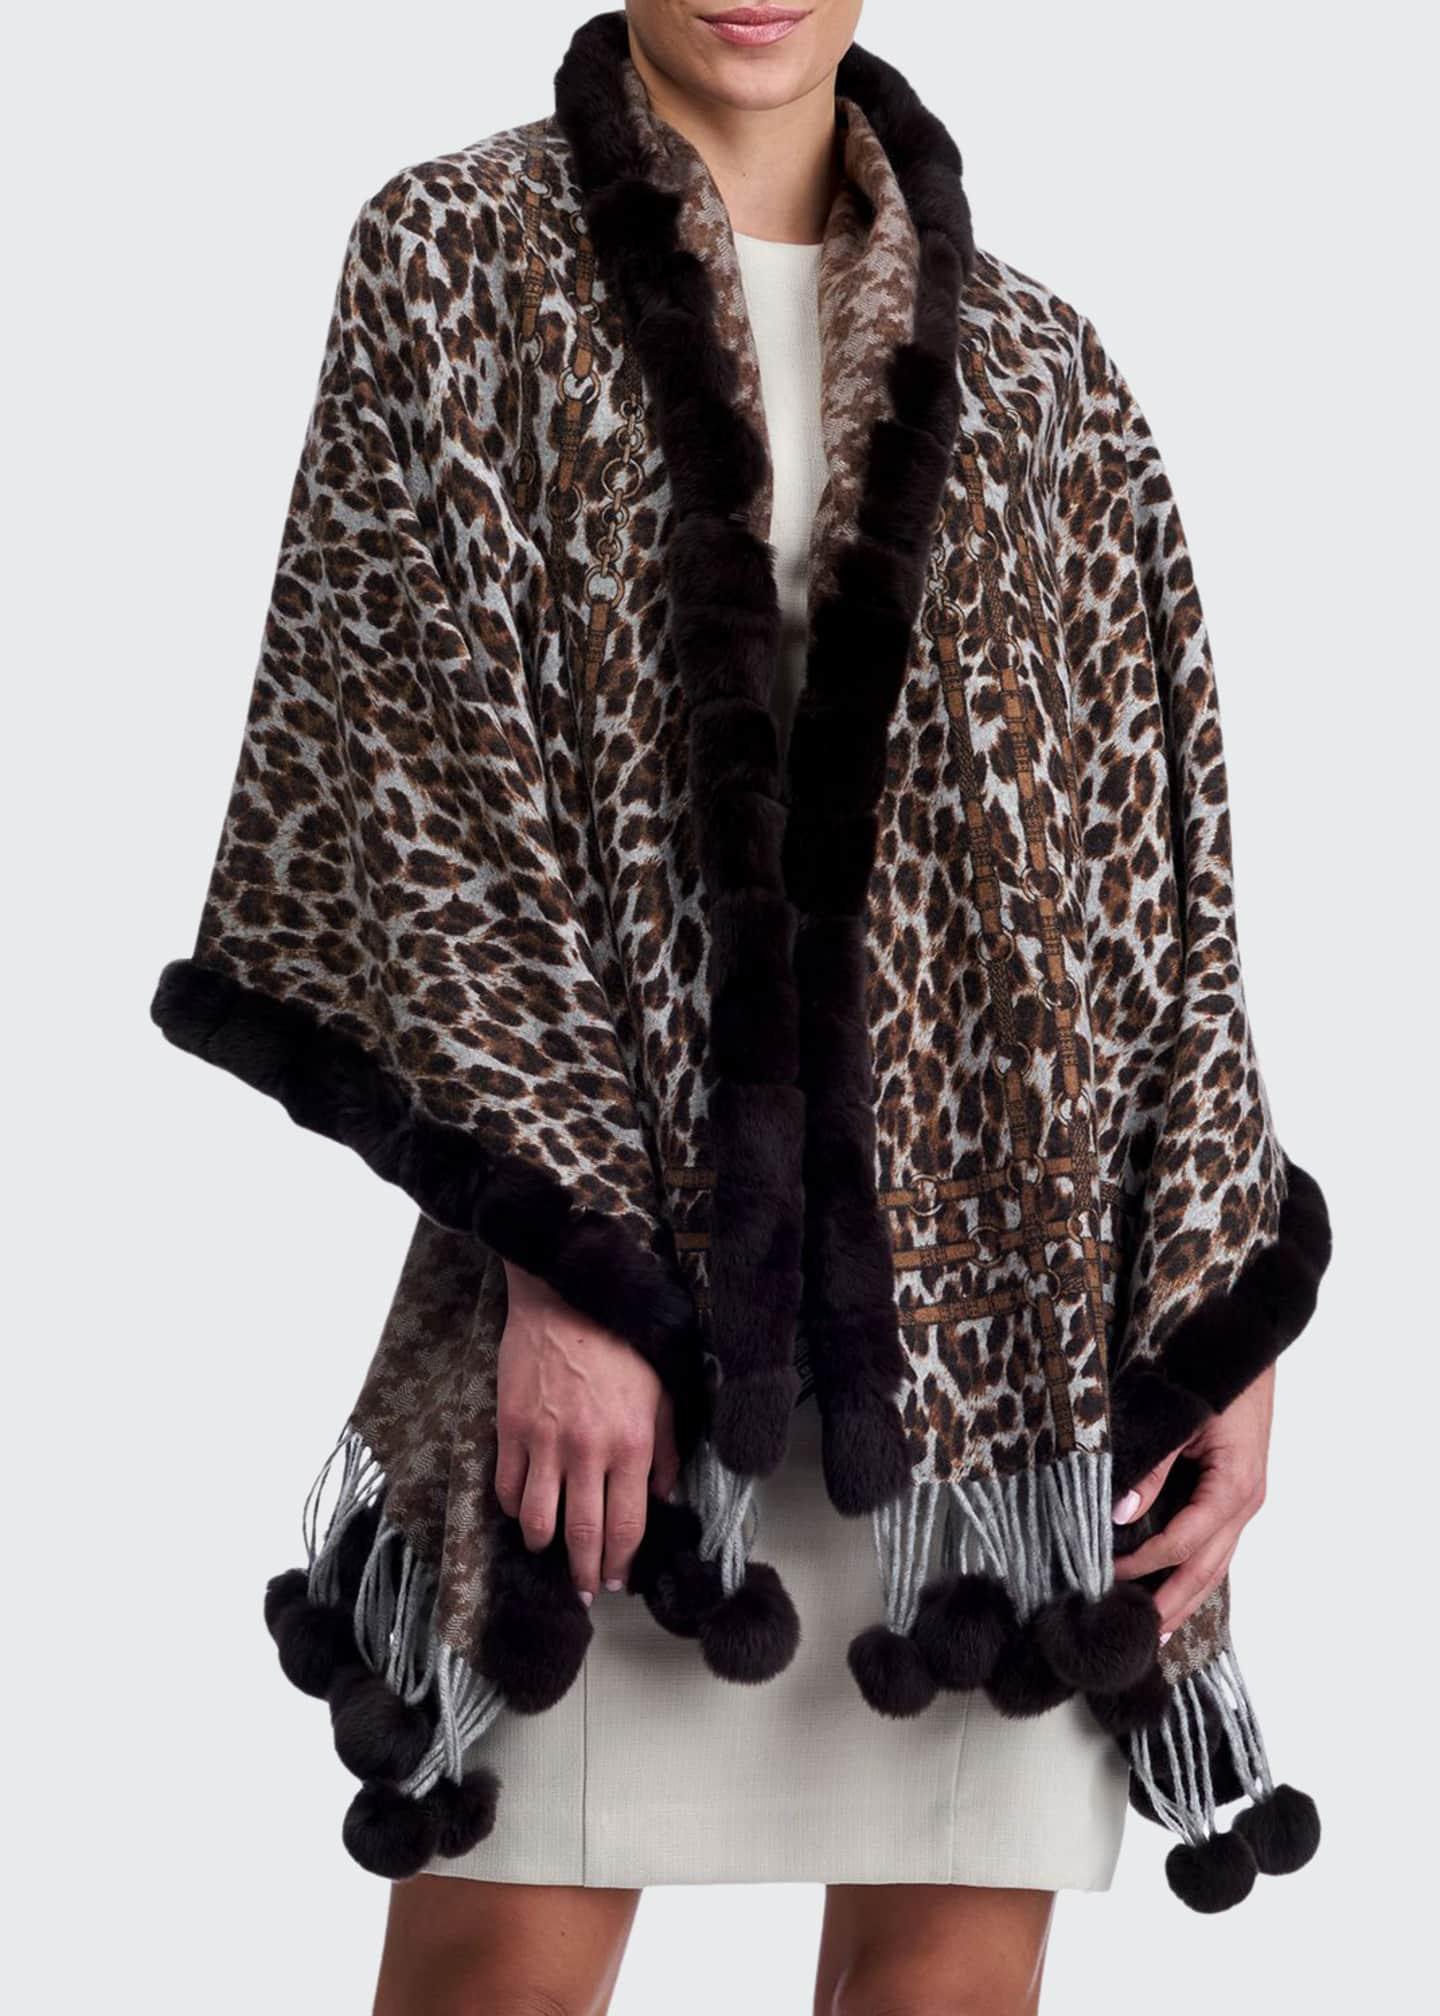 Gorski Double Face Cashmere Leopard-Print Stole w/ Rabbit